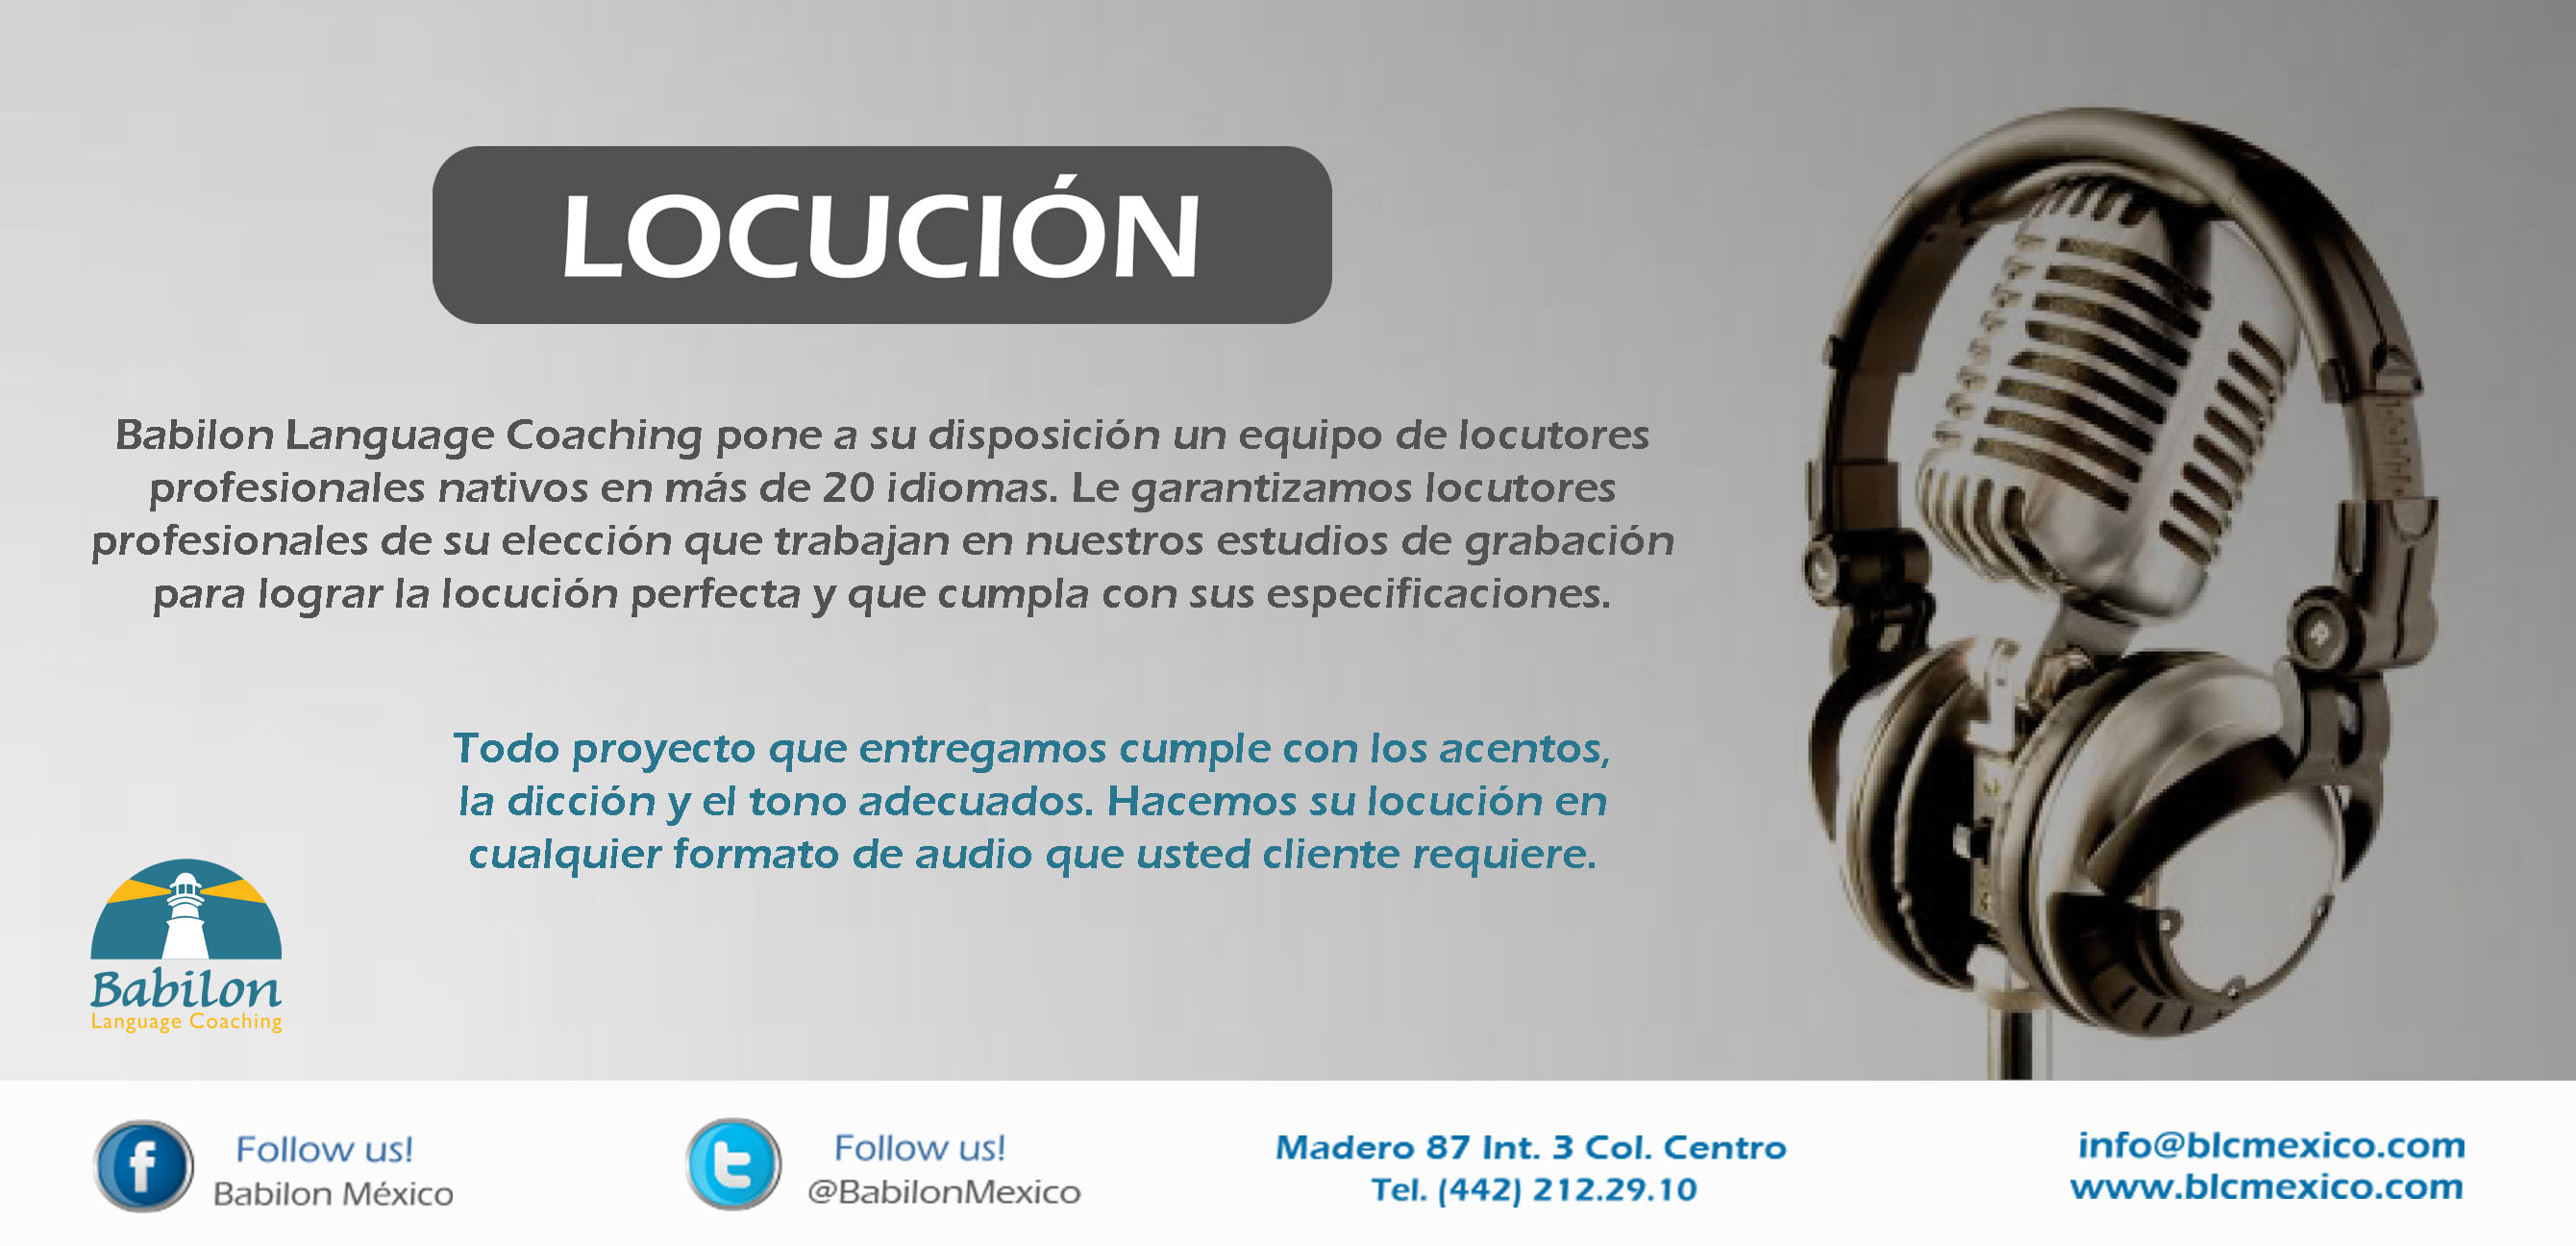 LOCUCION